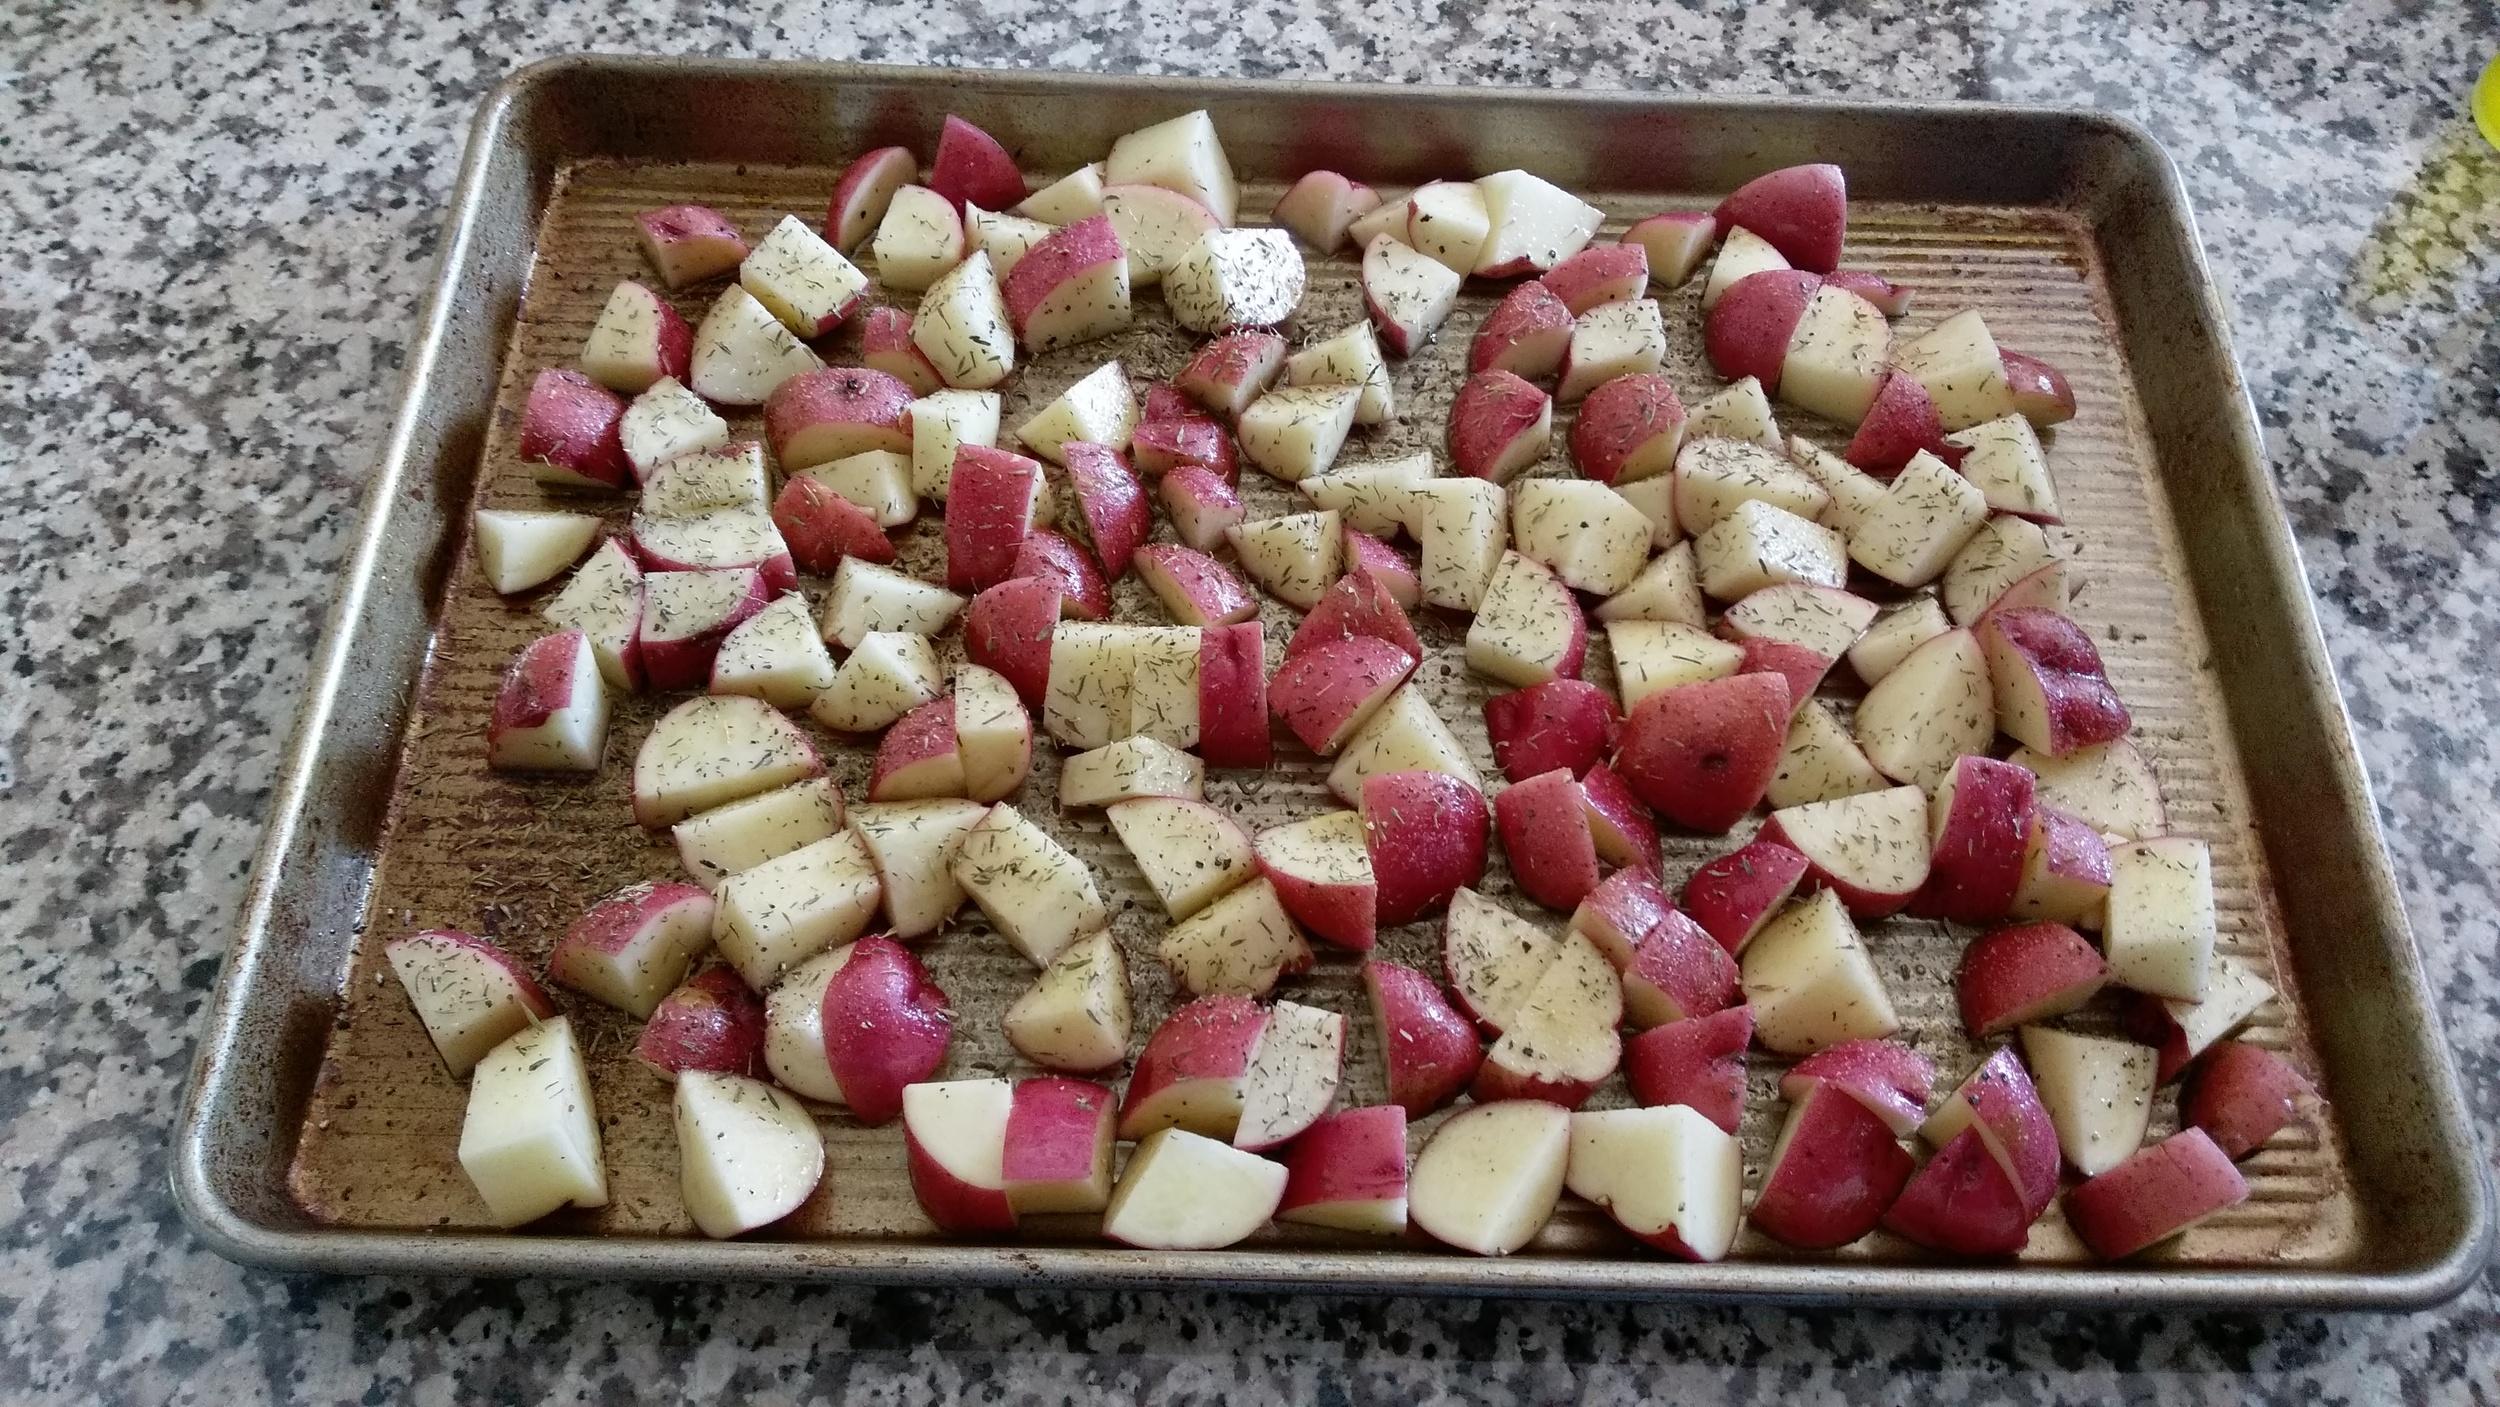 Potatoes ready to roast.